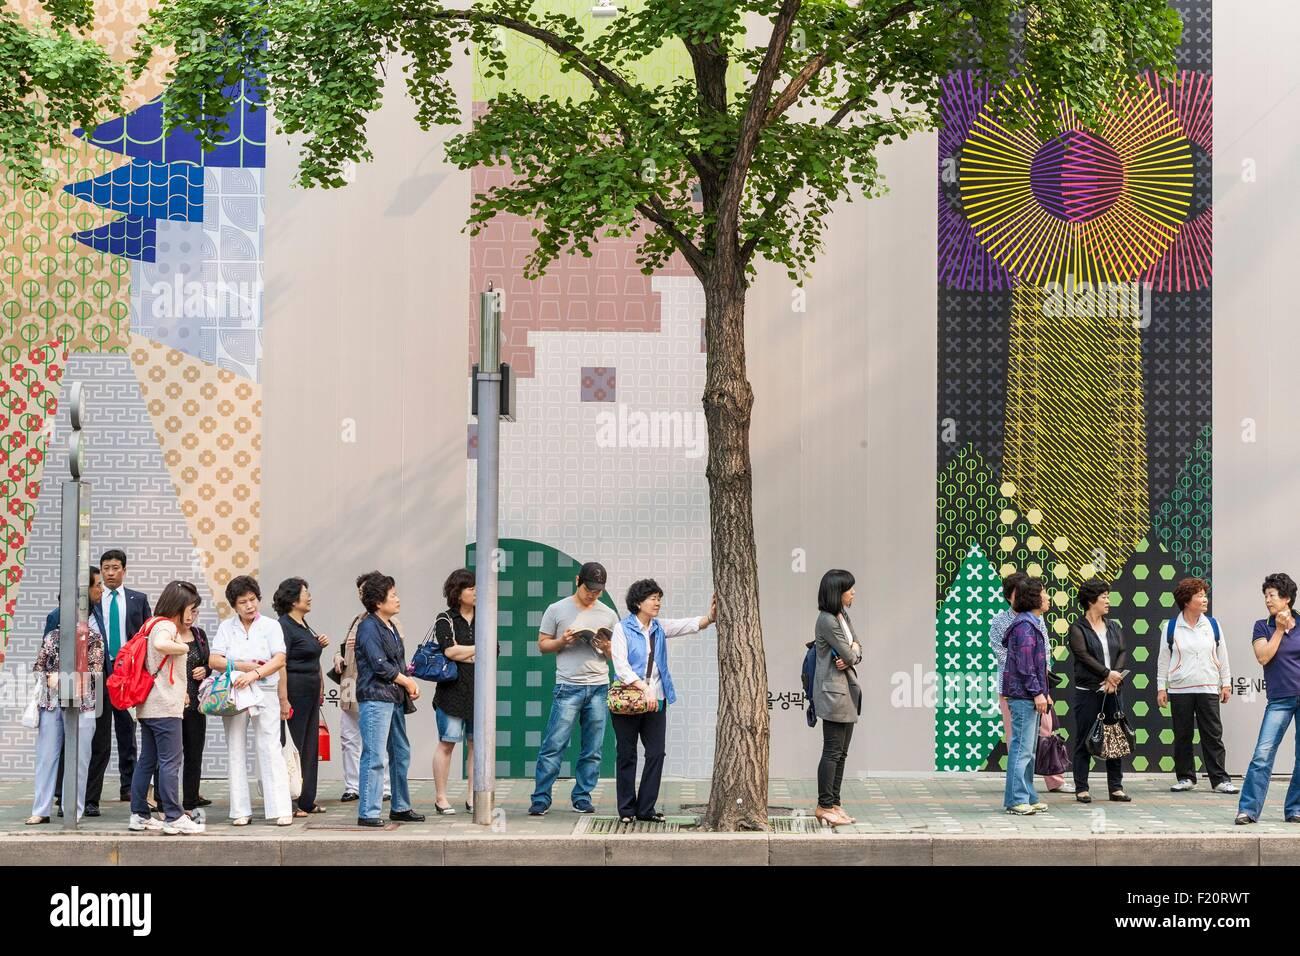 Corea del Sur, Seúl, Jung-gu distrito parada de autobús Imagen De Stock